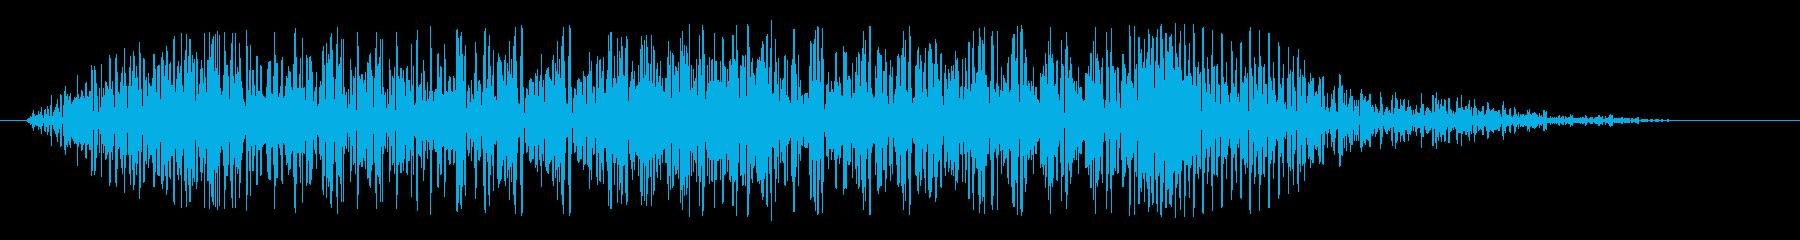 ガオーッ(ライオンの声)の再生済みの波形